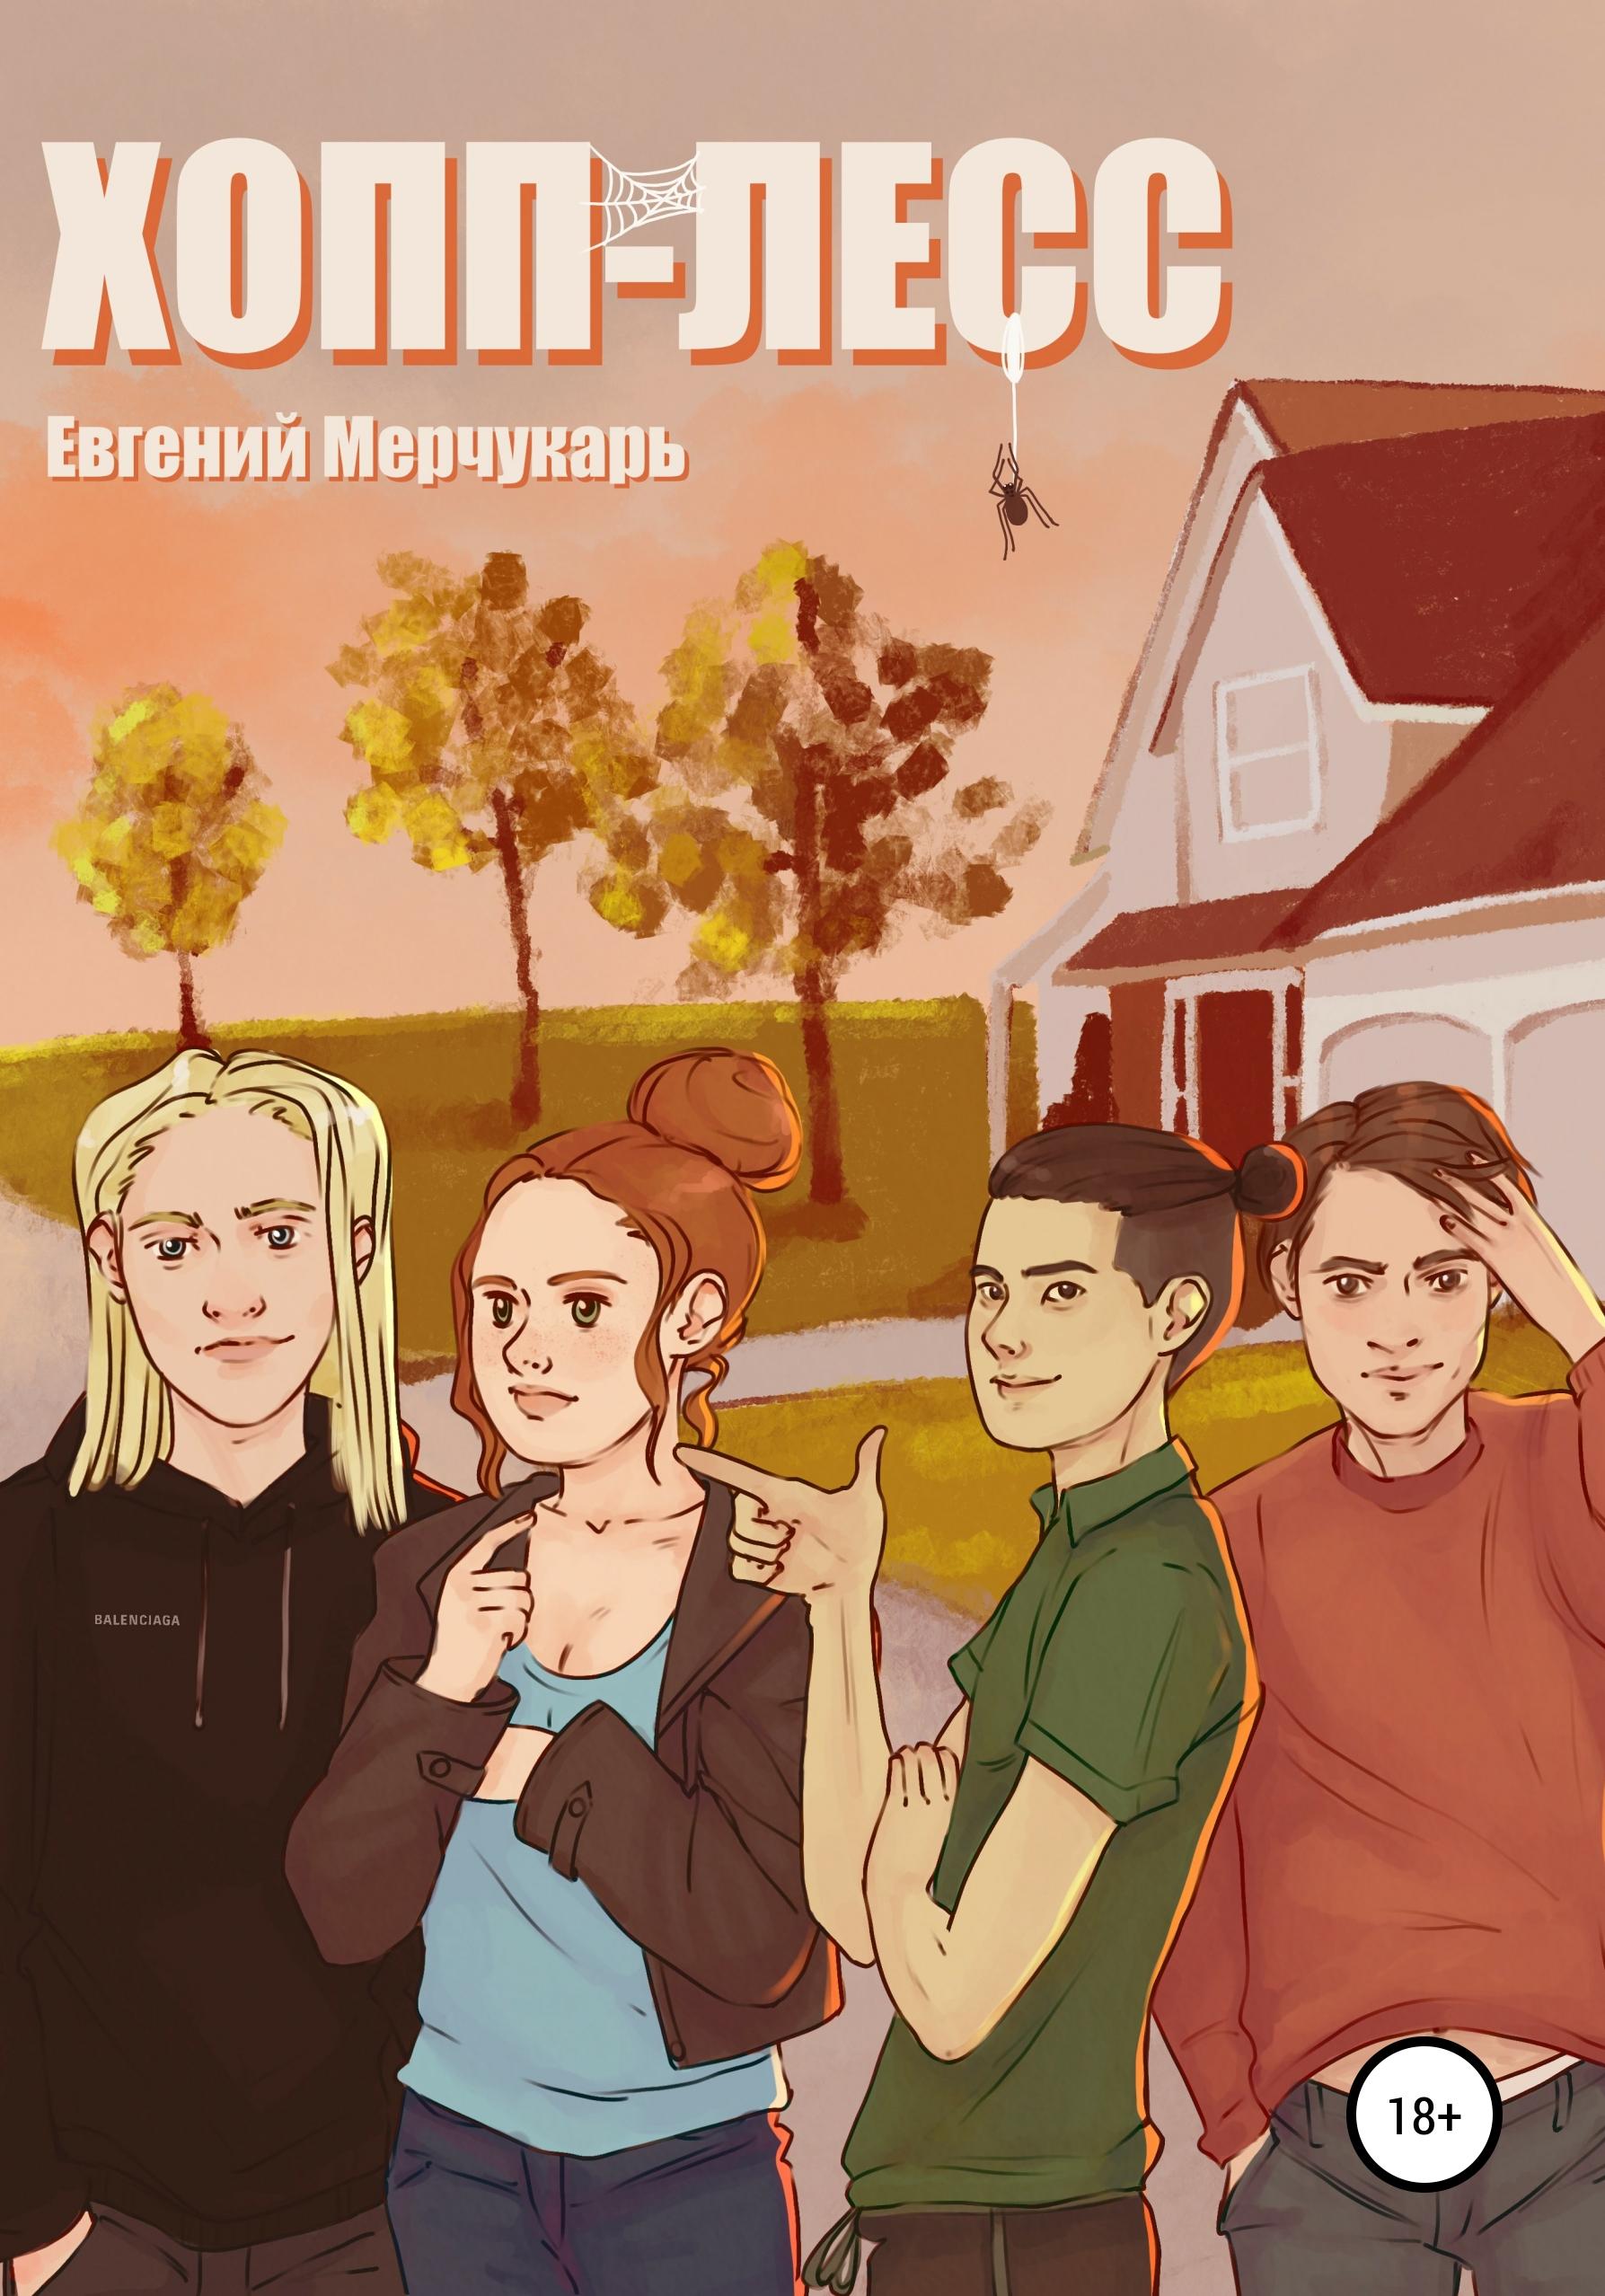 Купить книгу Хопп-Лесс, автора Евгения Мерчукаря